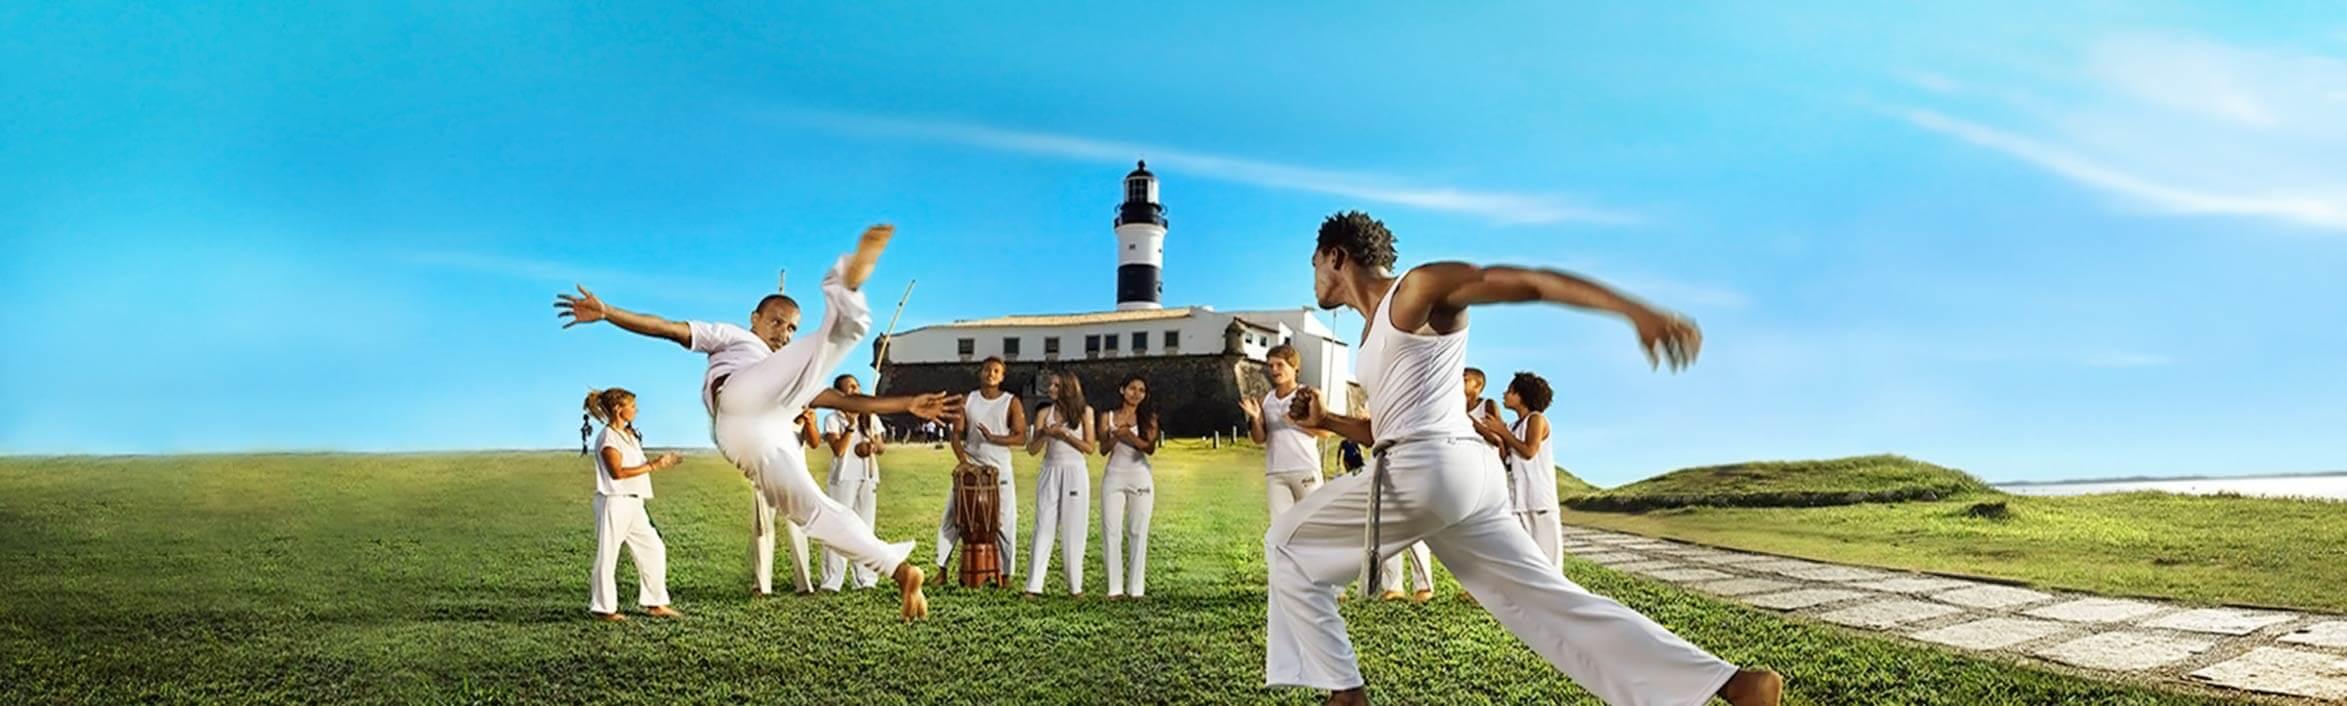 capoeira-slider-LG.jpg